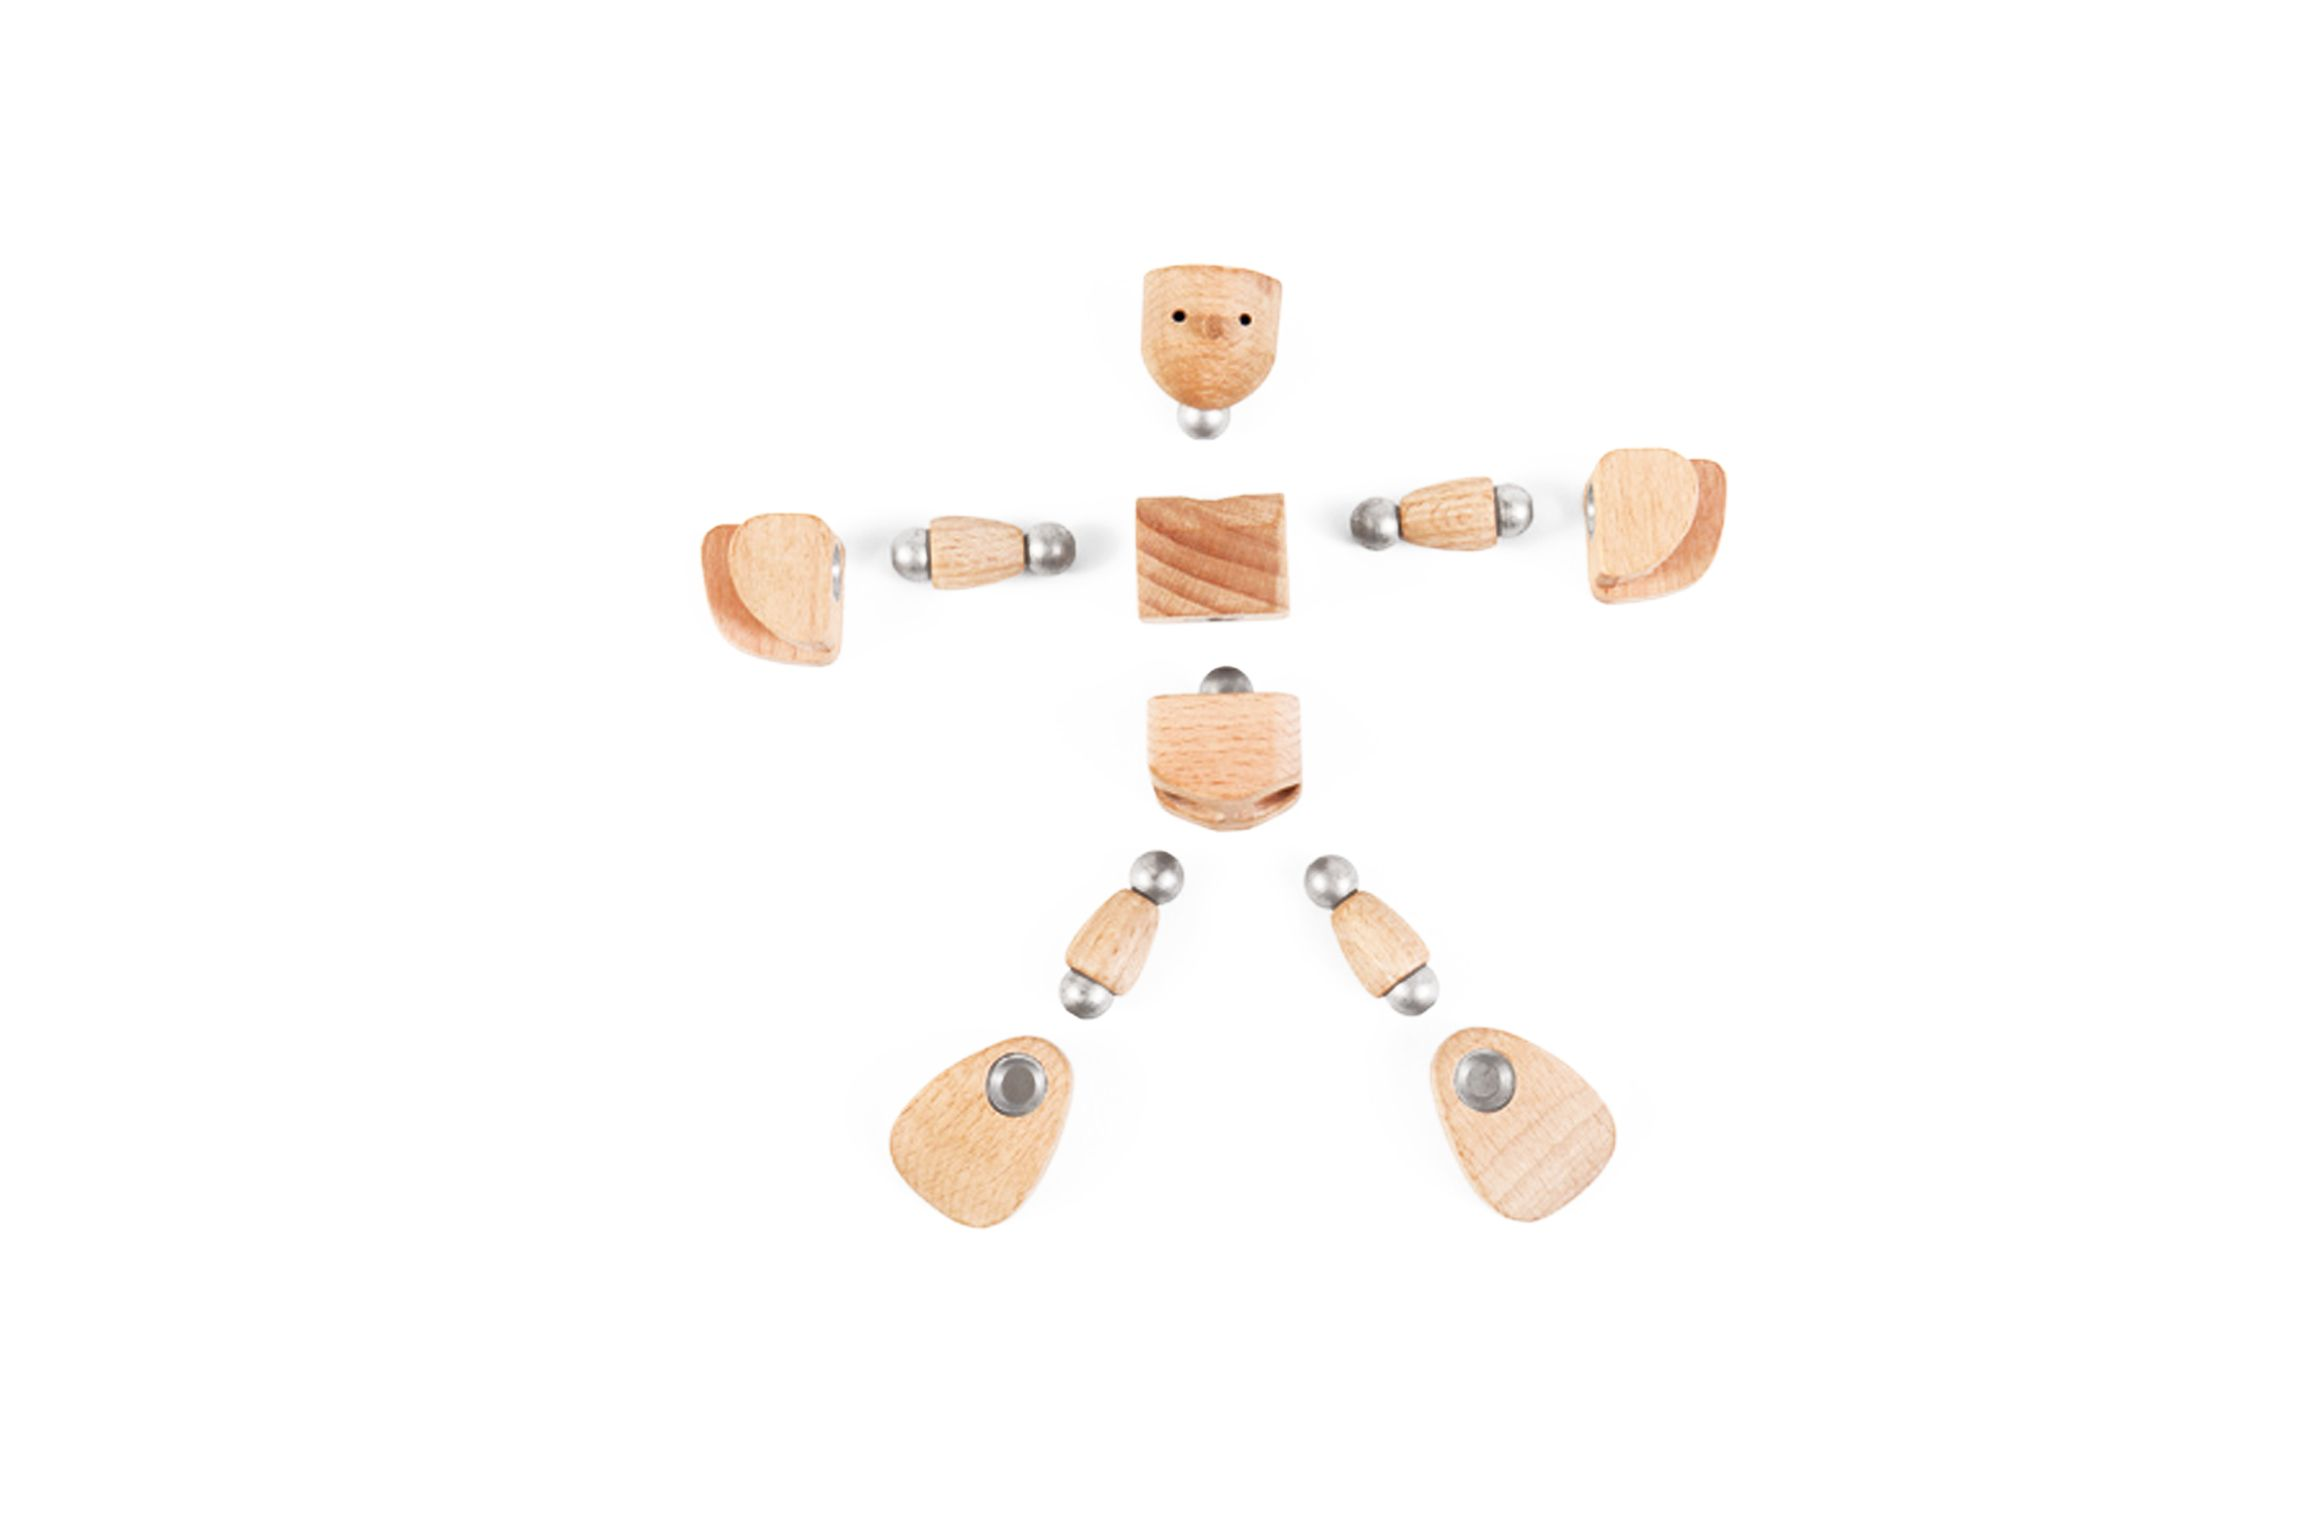 Woonki separado en 11 piezas